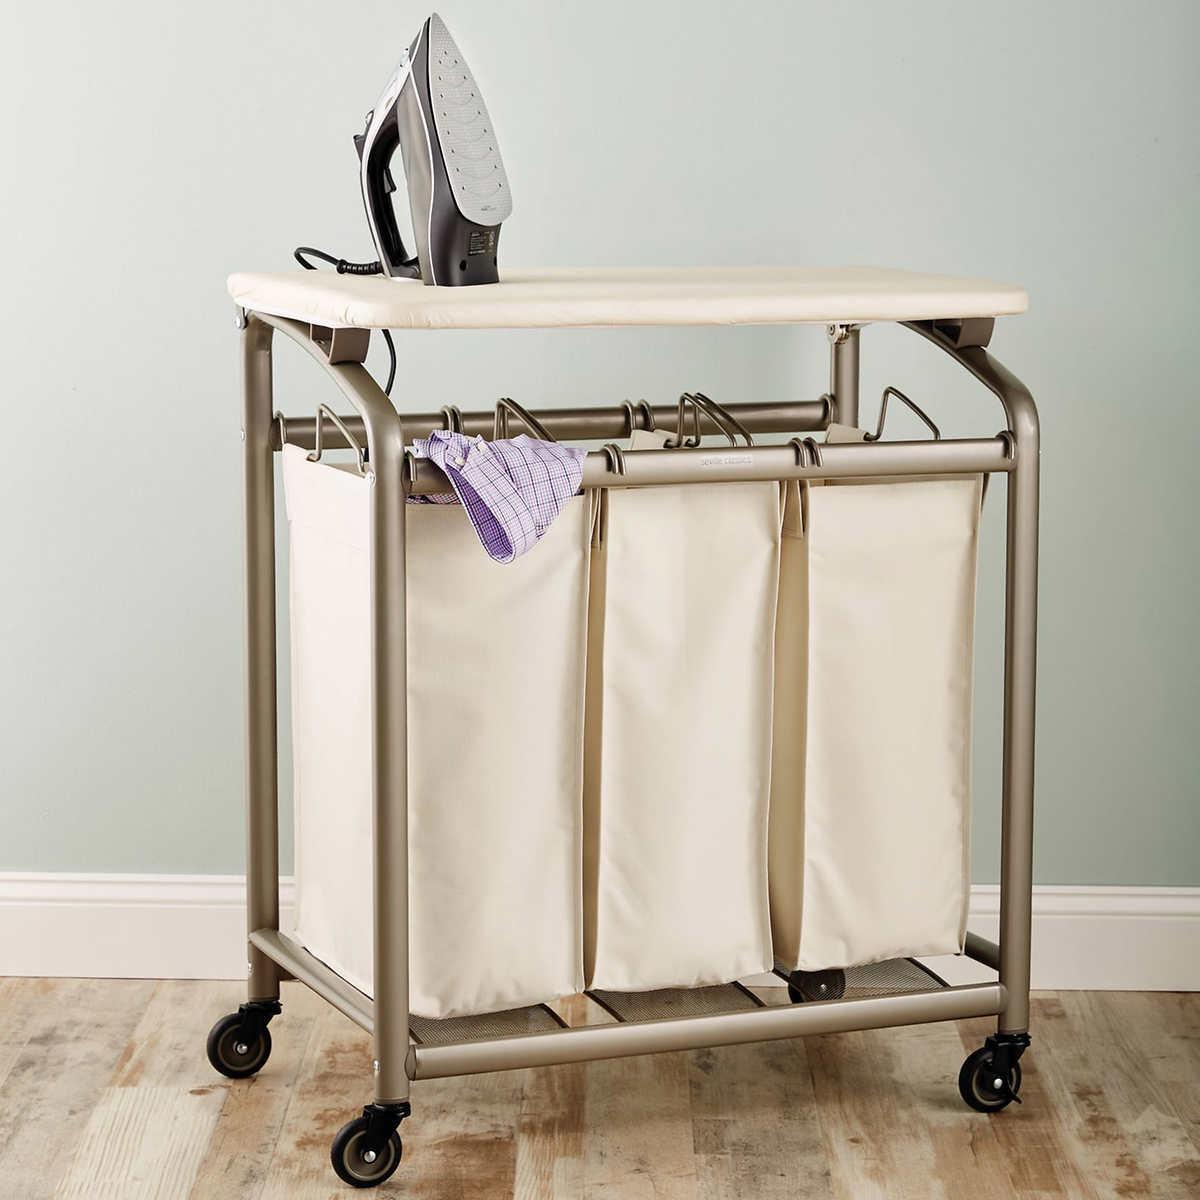 Seville Classics 3 Bag Laundry Sorter w Folding Table